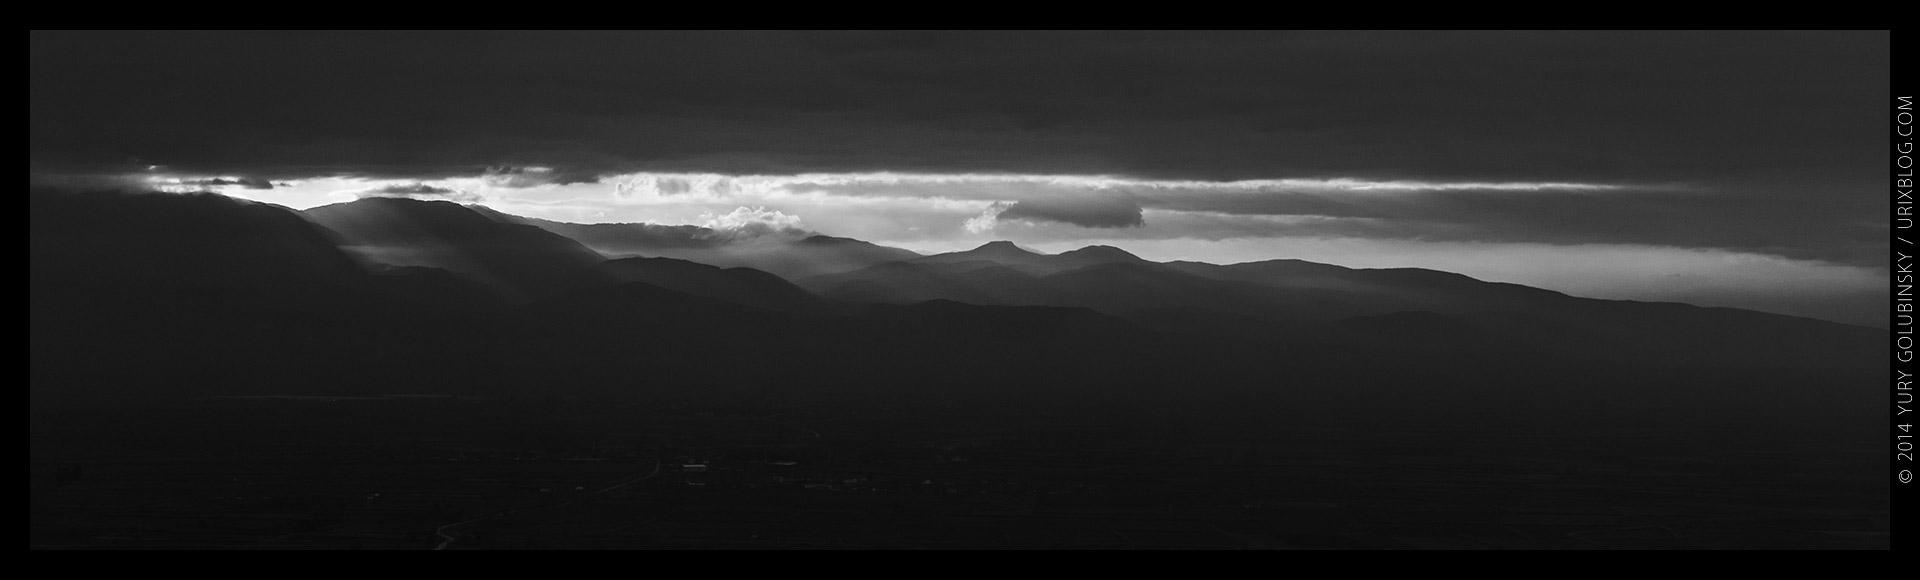 Иераполис, закат, вечер, облака, горизонт, старинный, античный, восточный, римский, греческий, город, полис, руины, раскопки, византия, империя, Дэнизли, Турция, панорама, чб, чёрно-белый, 2014